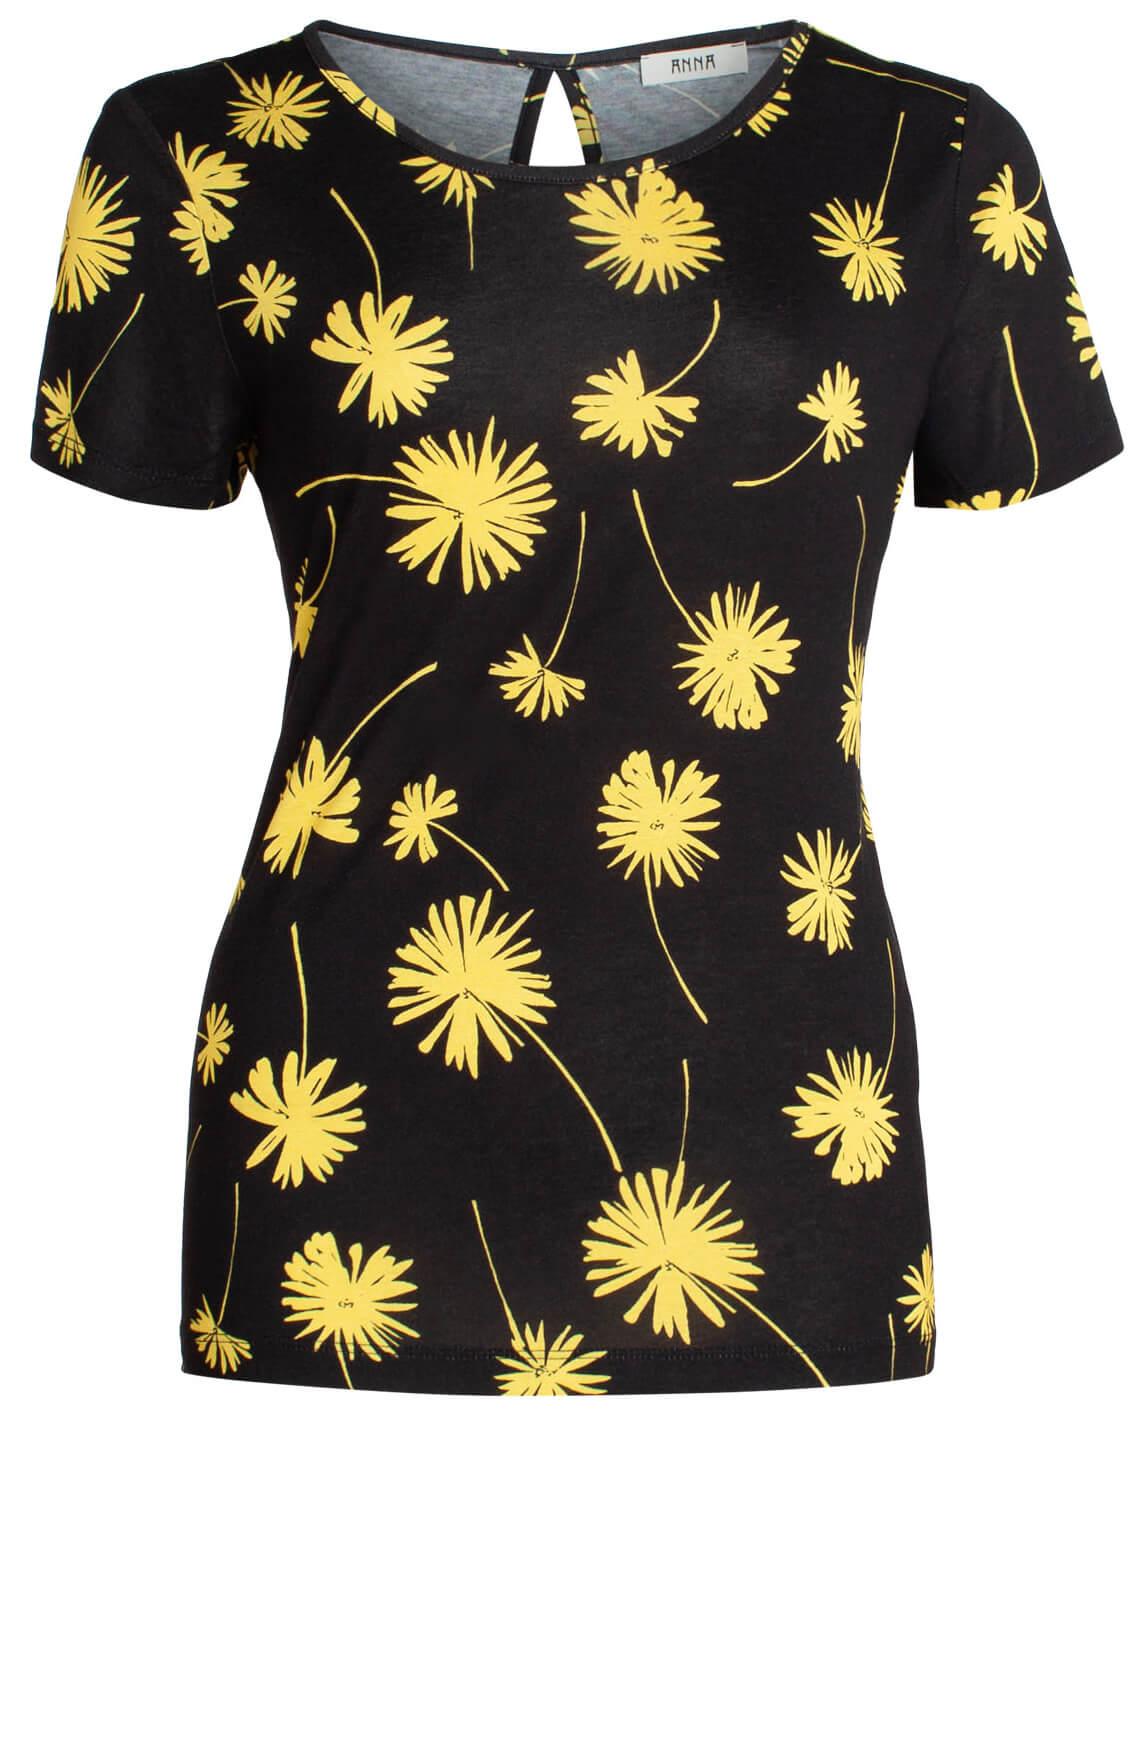 Anna Dames Shirt met floral print zwart